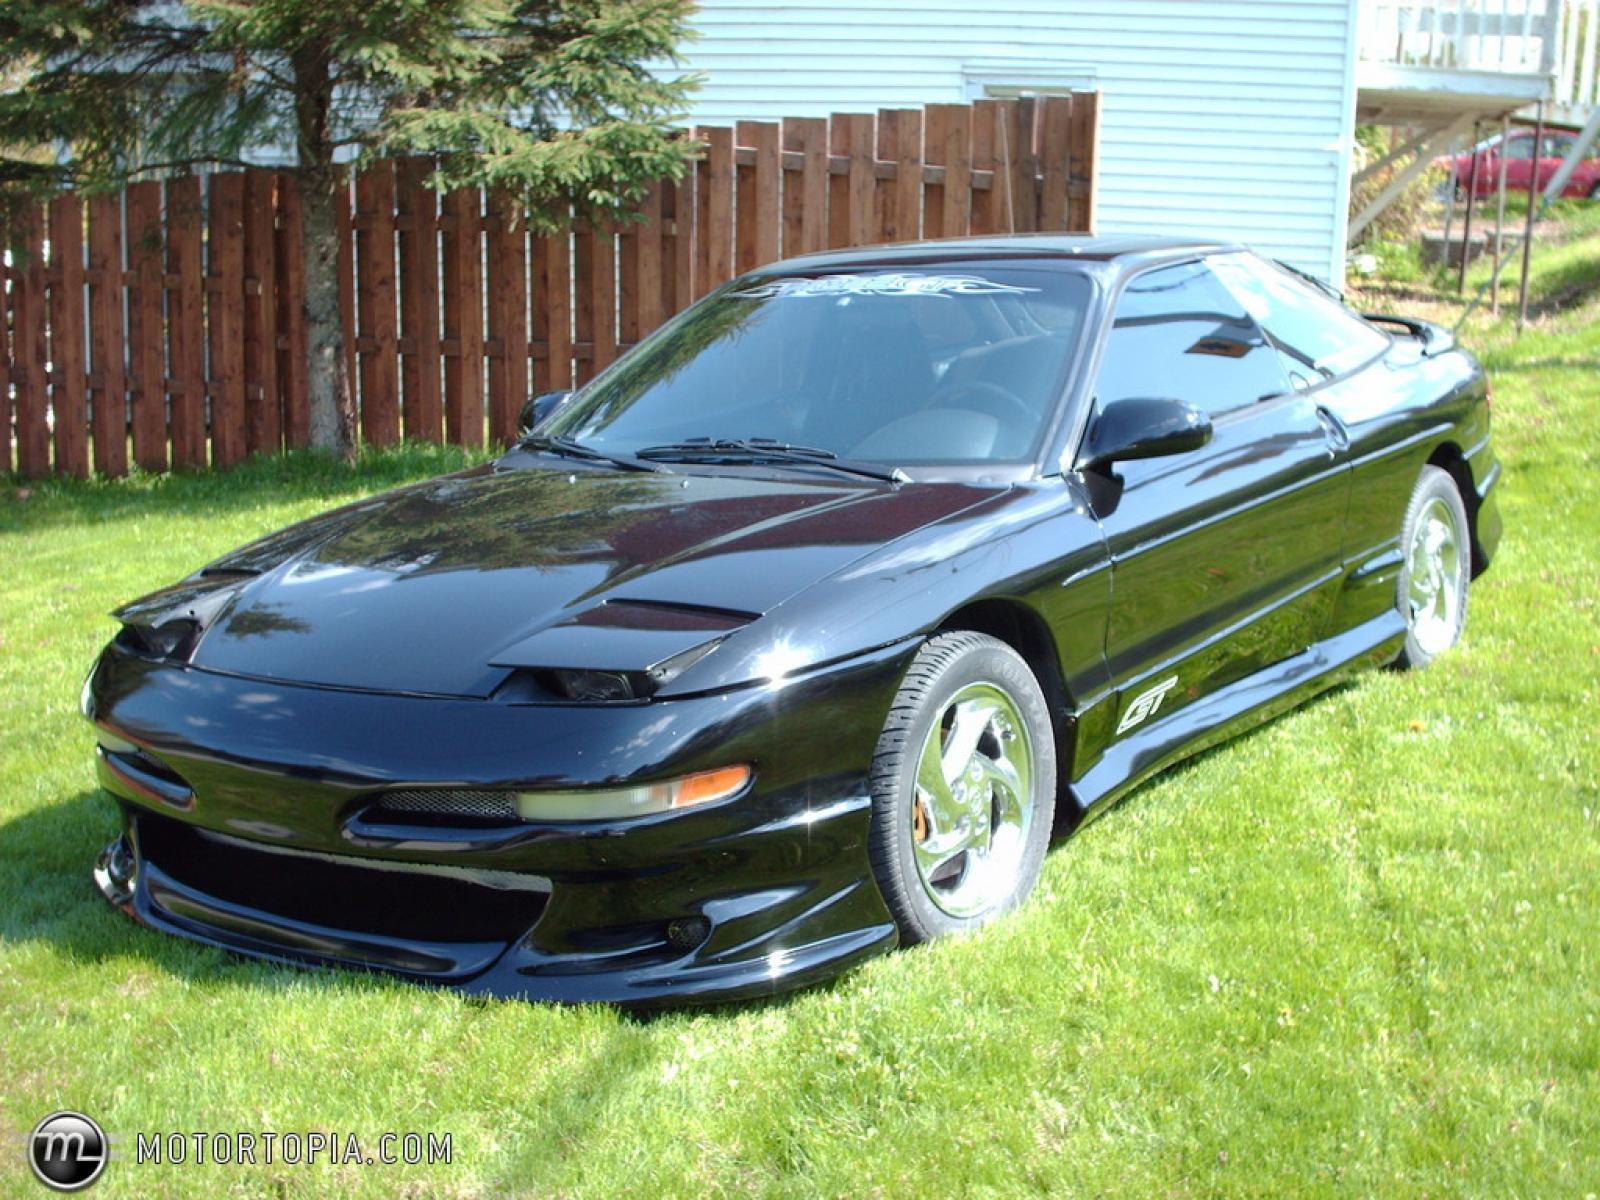 800 1024 1280 1600 Origin 1994 Ford Probe